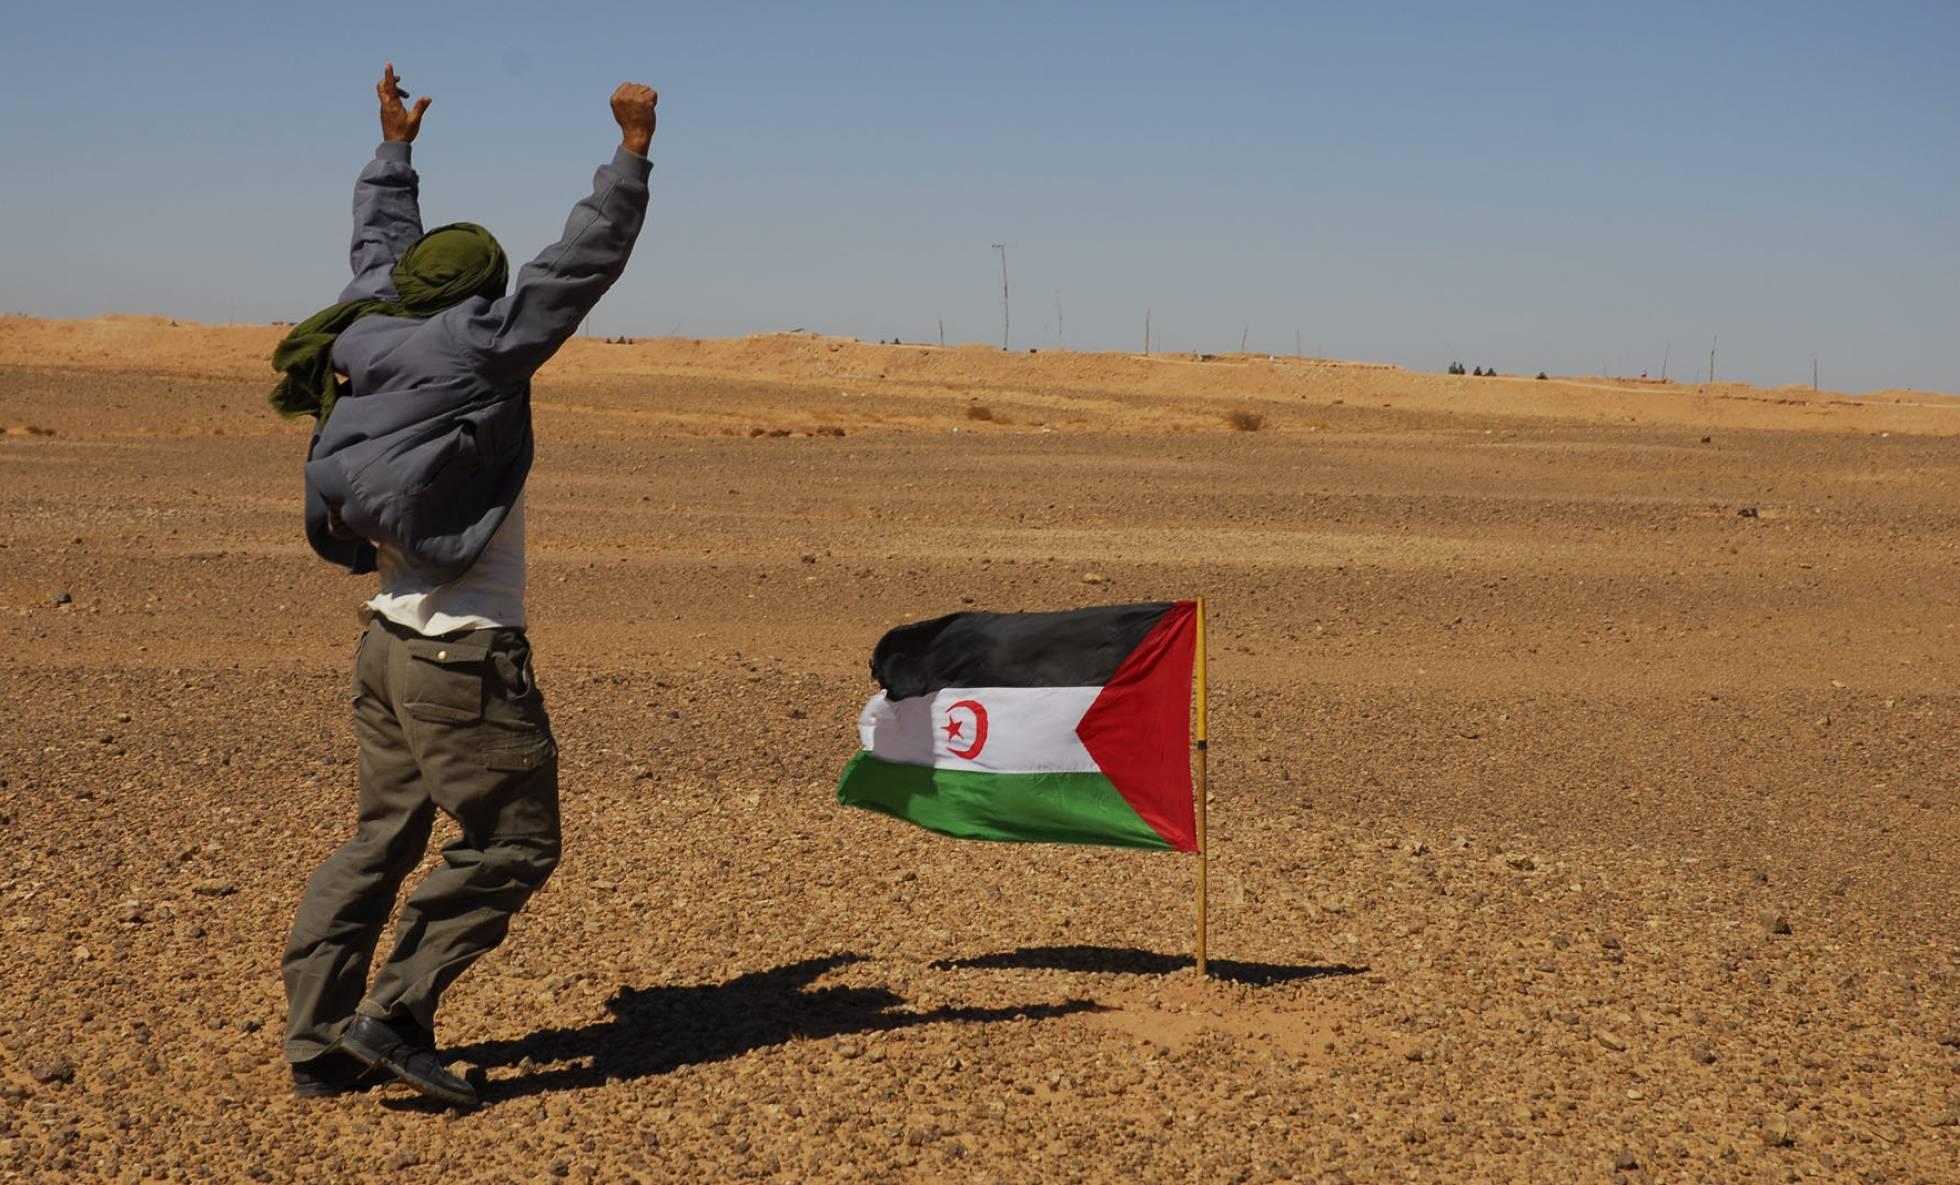 El Sáhara, penúltimo frente de la crisis con Irán 1515192539_169643_1515245895_noticia_normal_recorte1